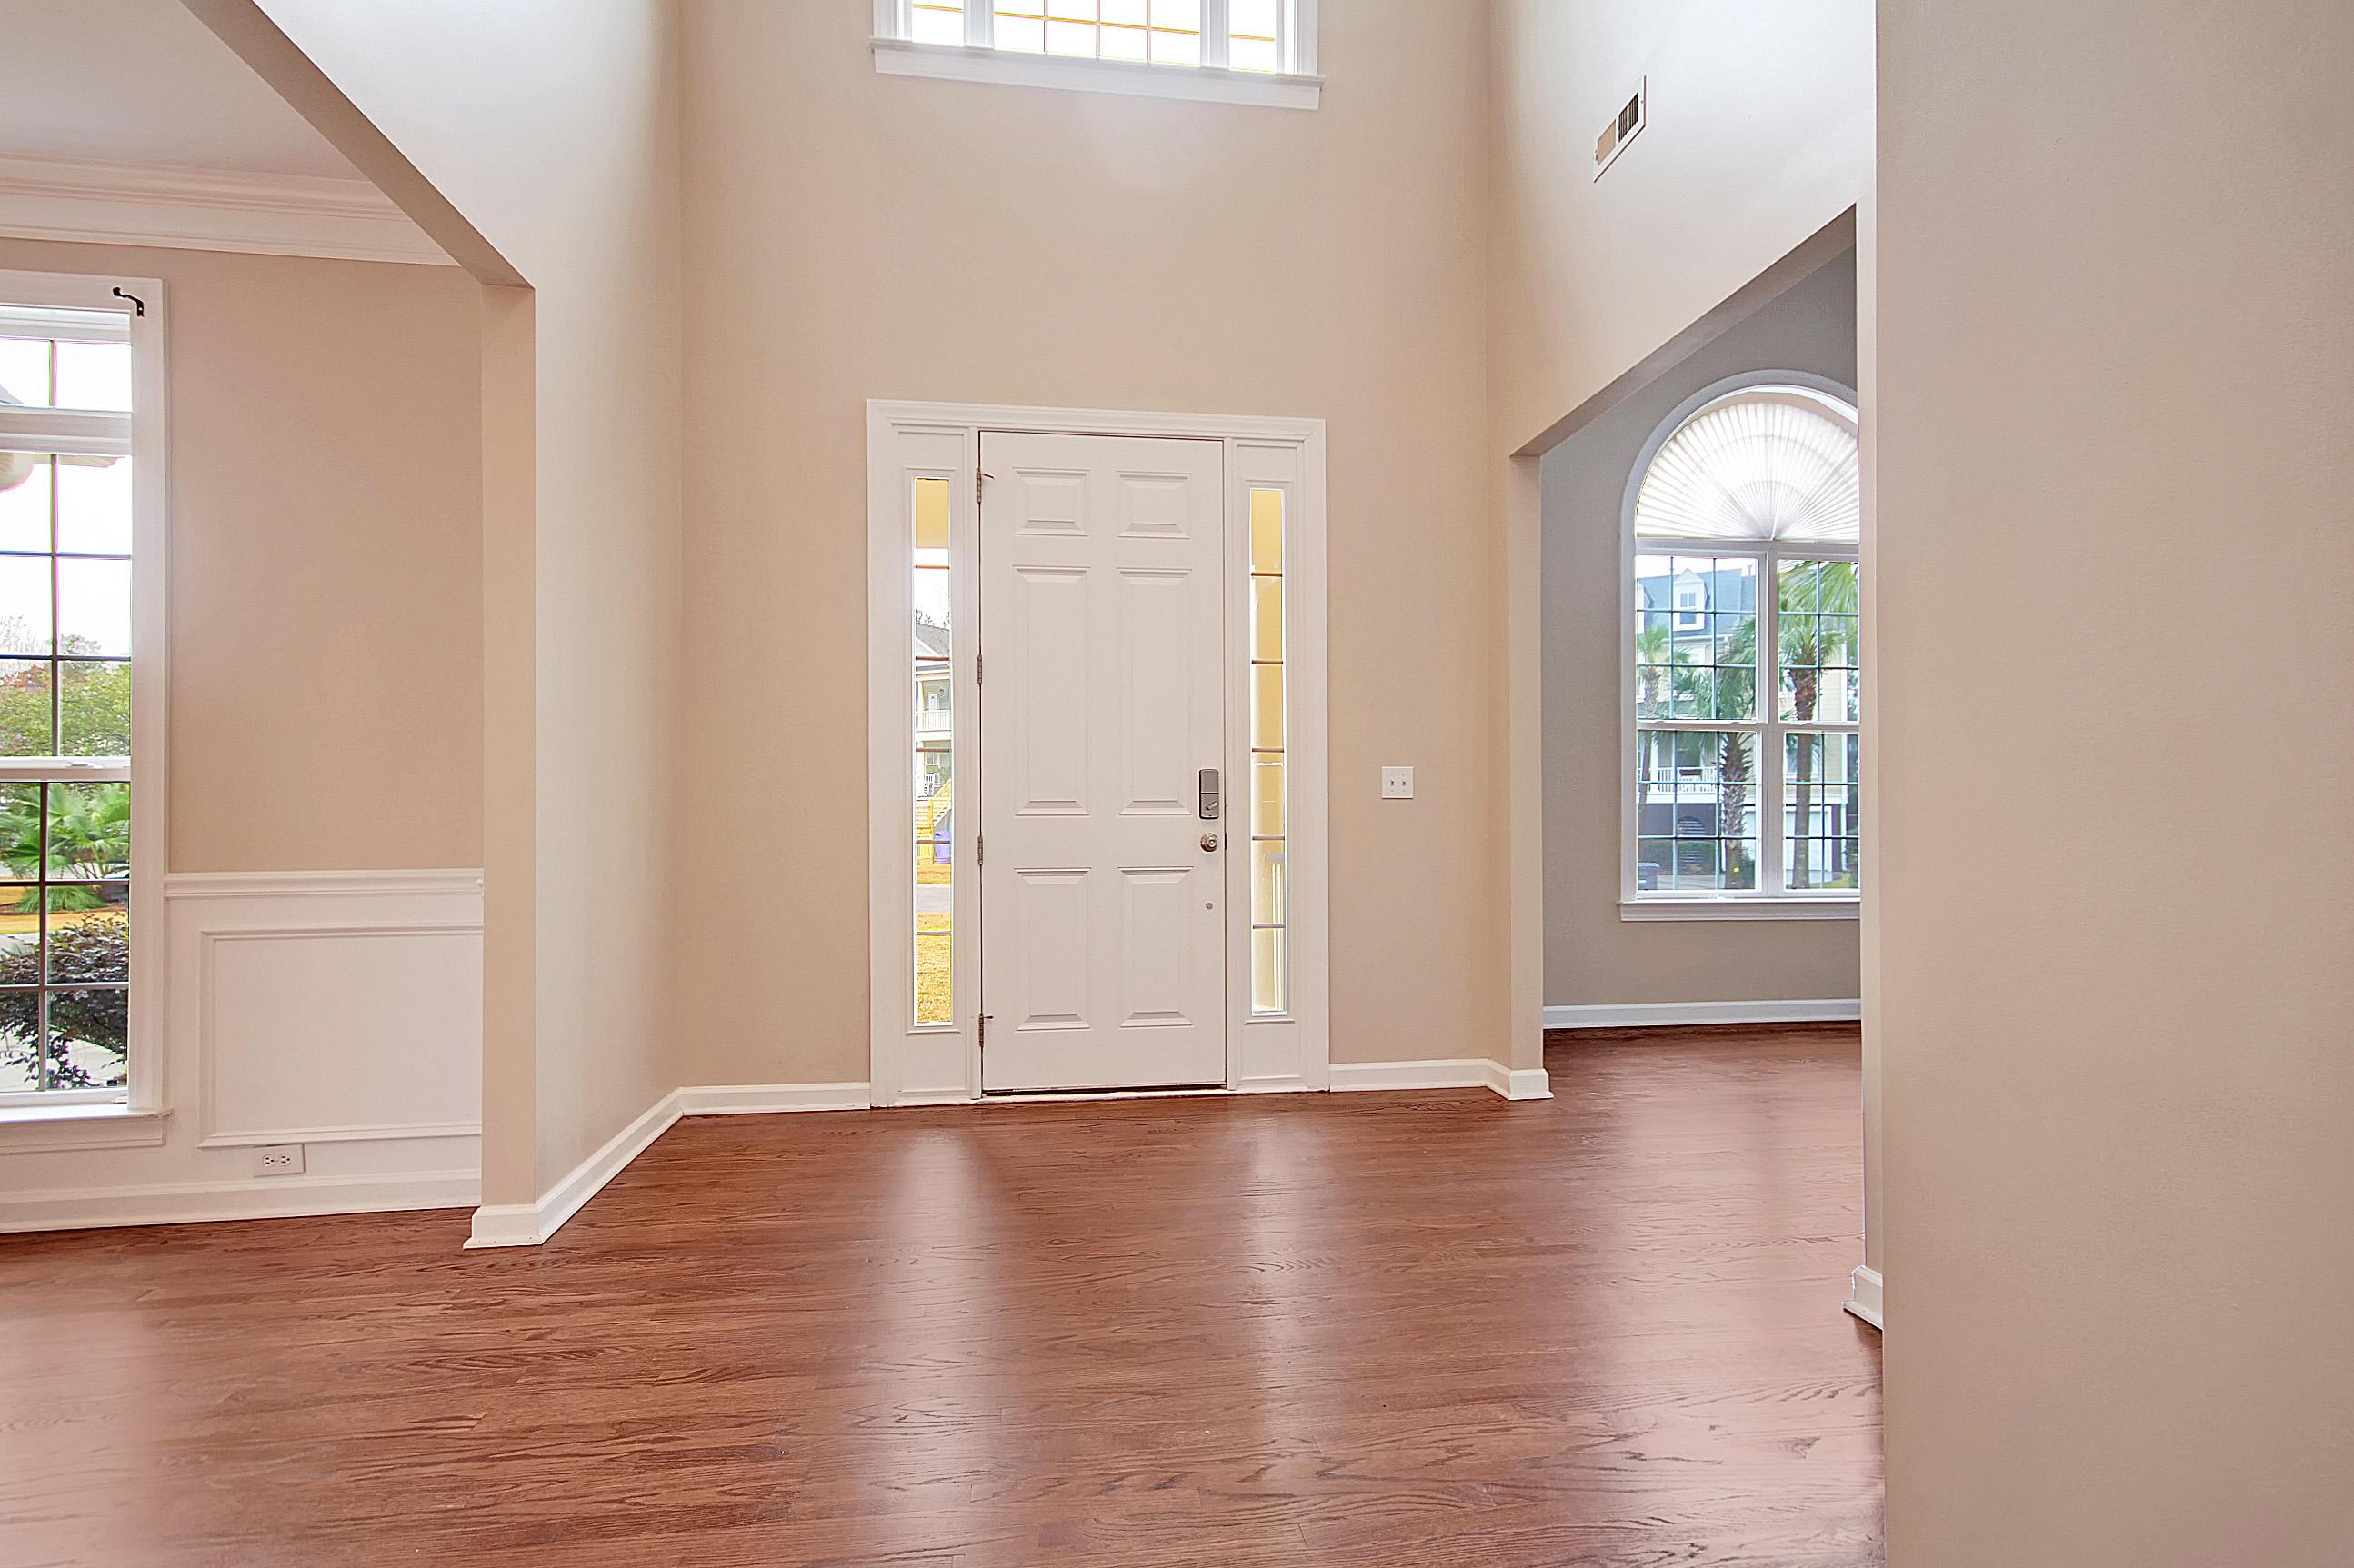 Dunes West Homes For Sale - 1501 Jacaranda, Mount Pleasant, SC - 20